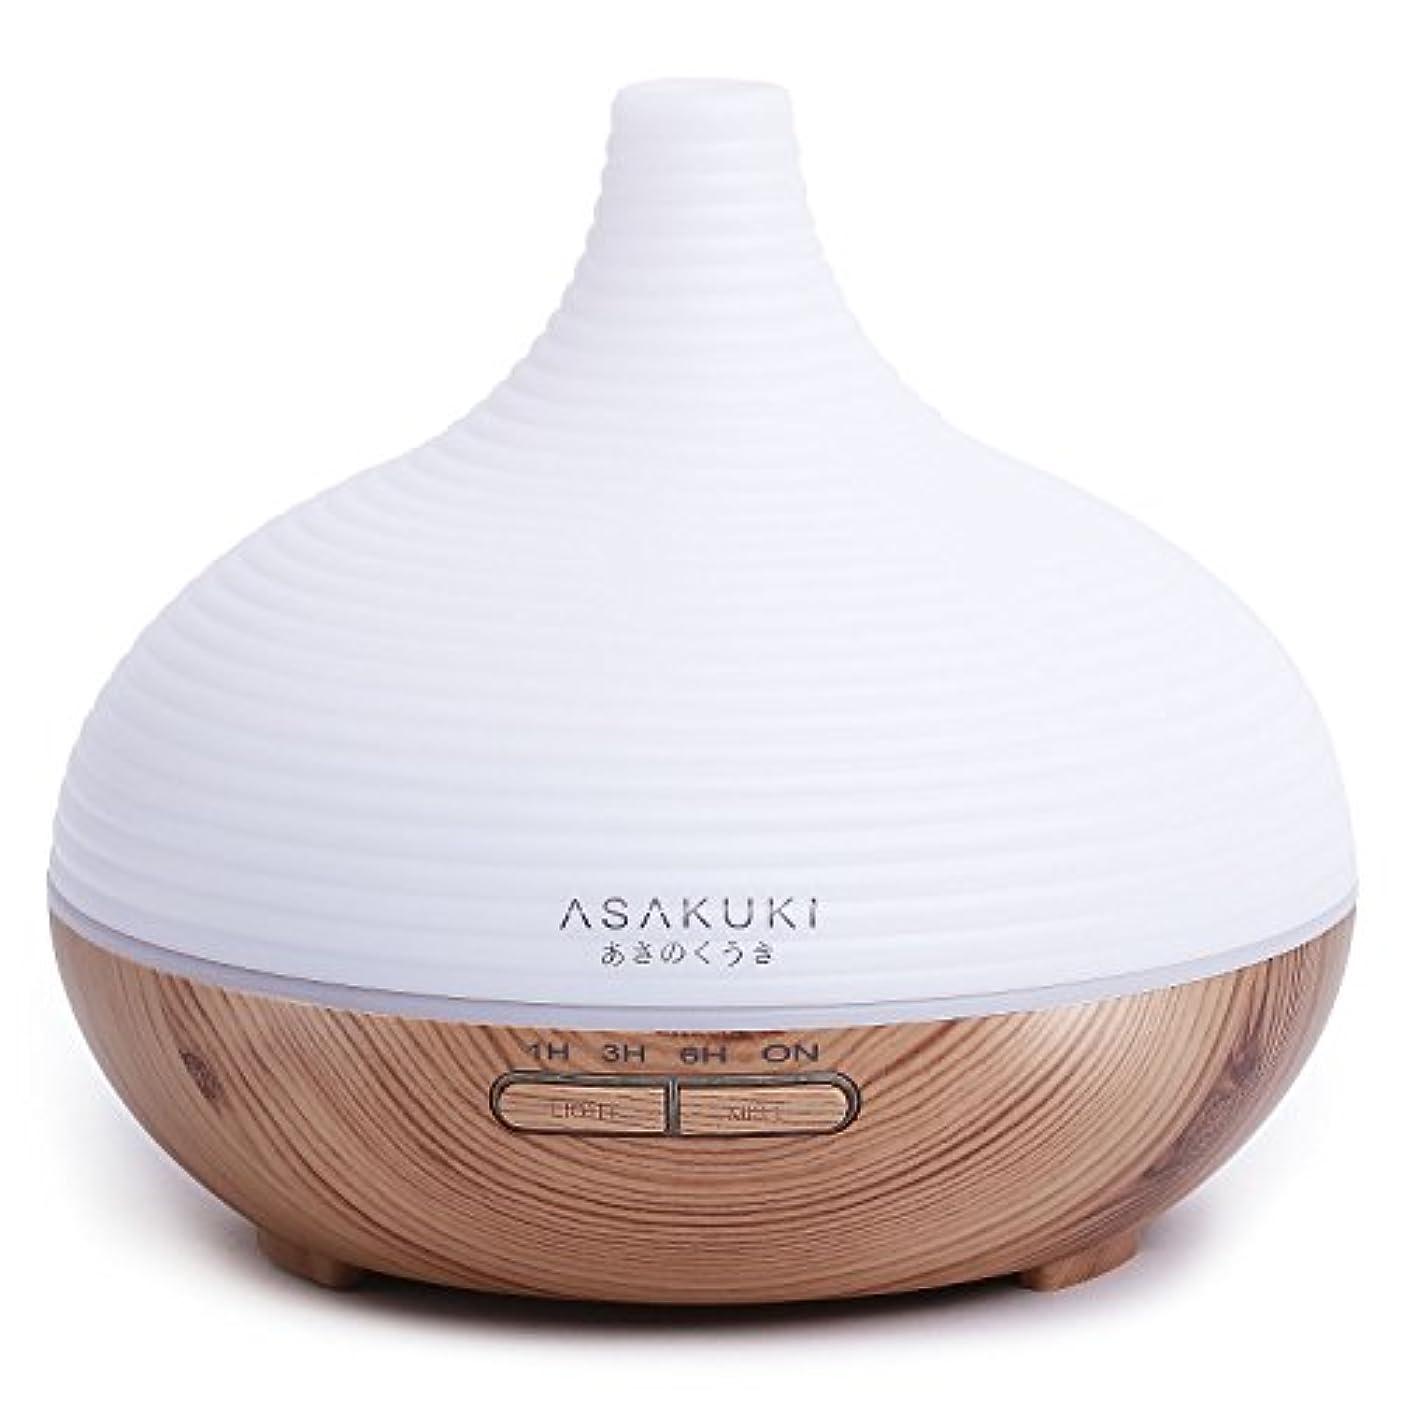 メッシュ助けて密接にasakuki 300 mlプレミアム、Essential Oil Diffuser、静かな5 - in - 1加湿器、自然Home Fragrance Diffuser with 7 LEDの色変更ライトと簡単にクリーン...